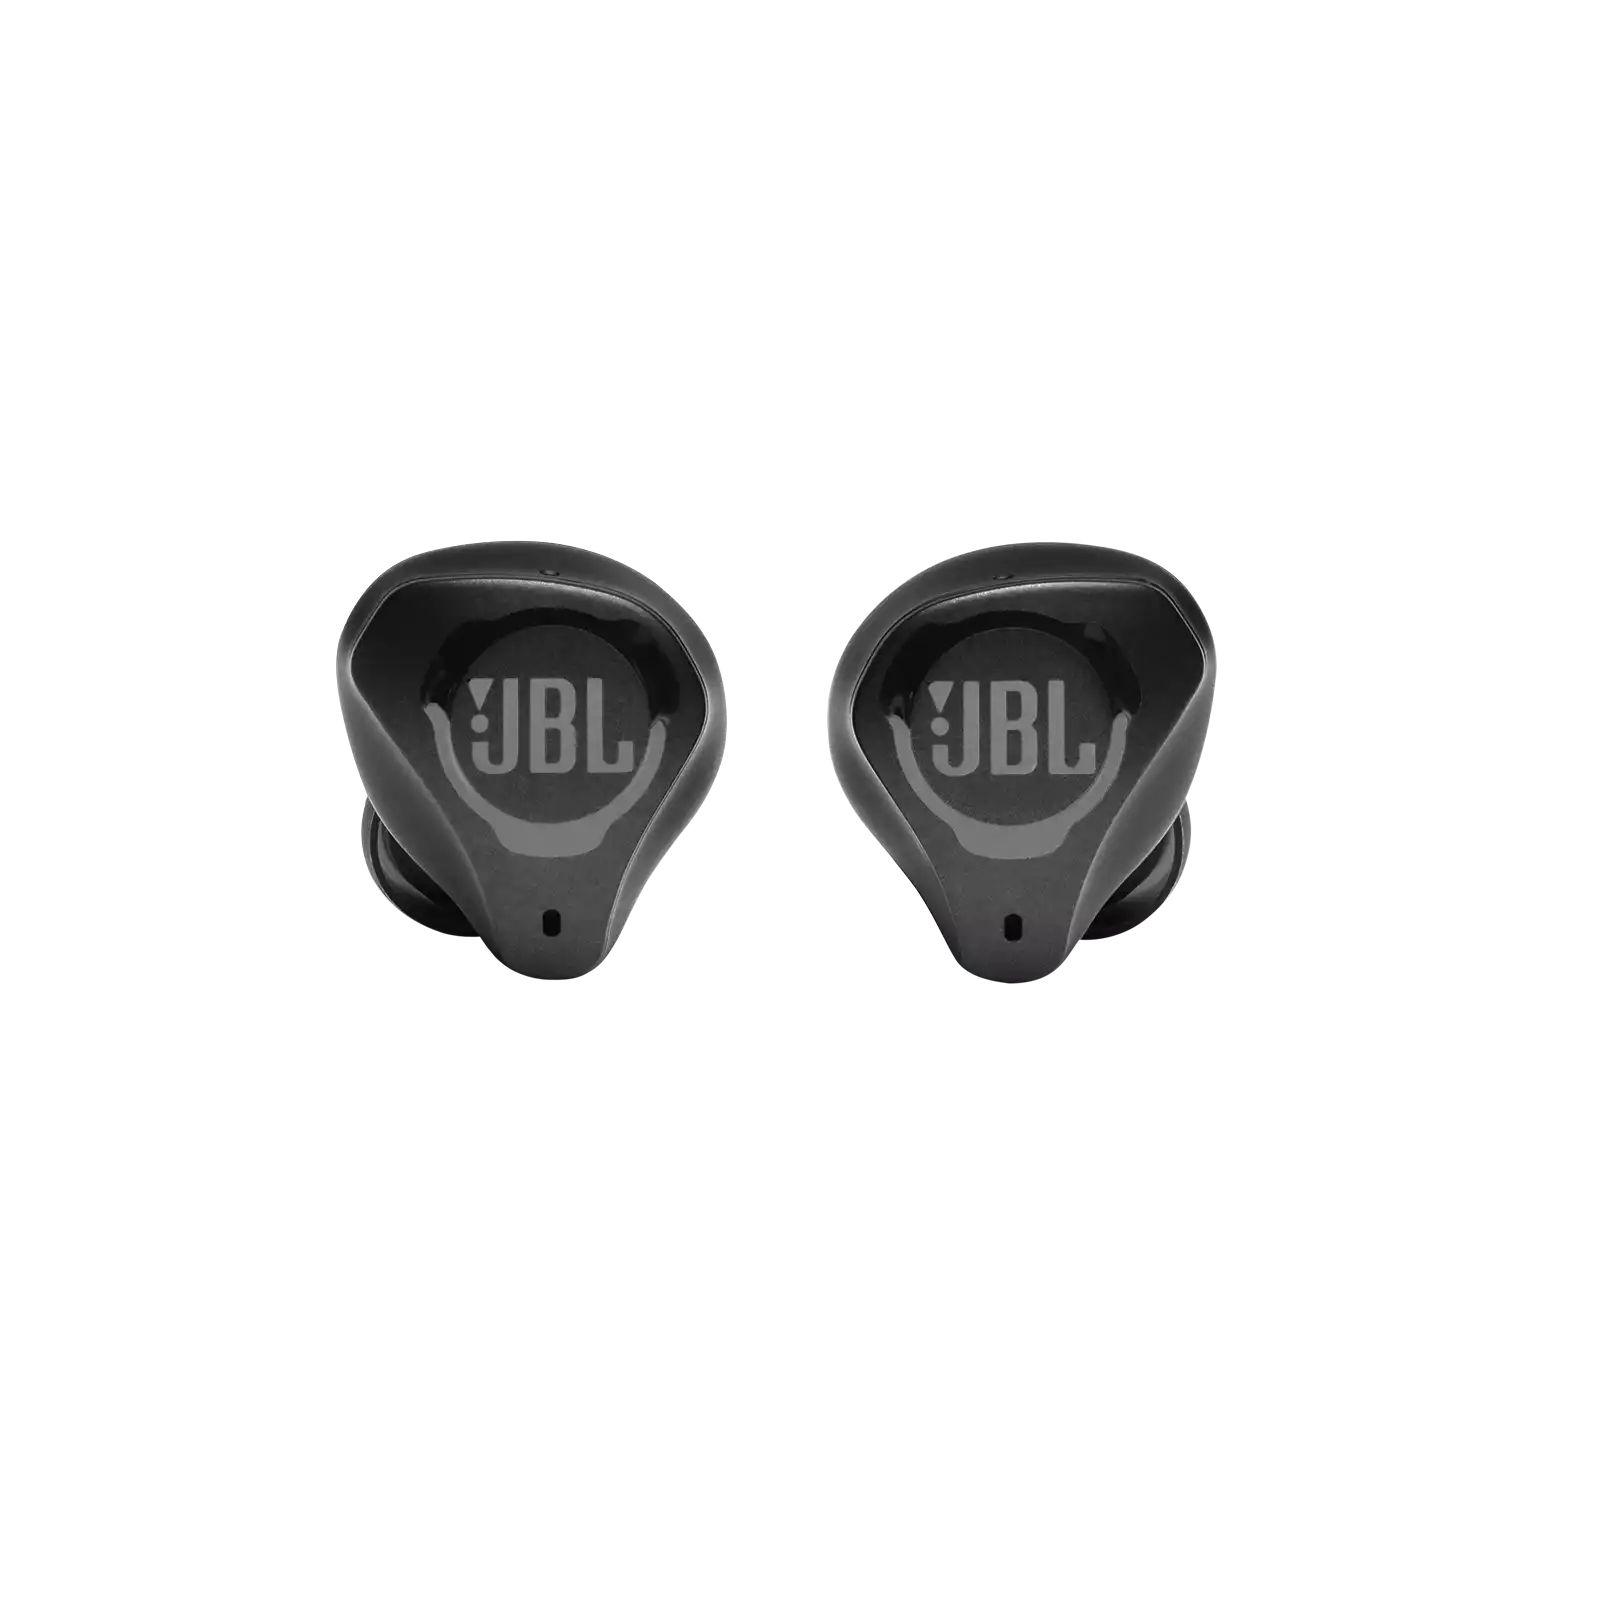 Fone de Ouvido Bluetooth JBL Club Pro+ TWS - JBLCLUBPROPTWSBLK